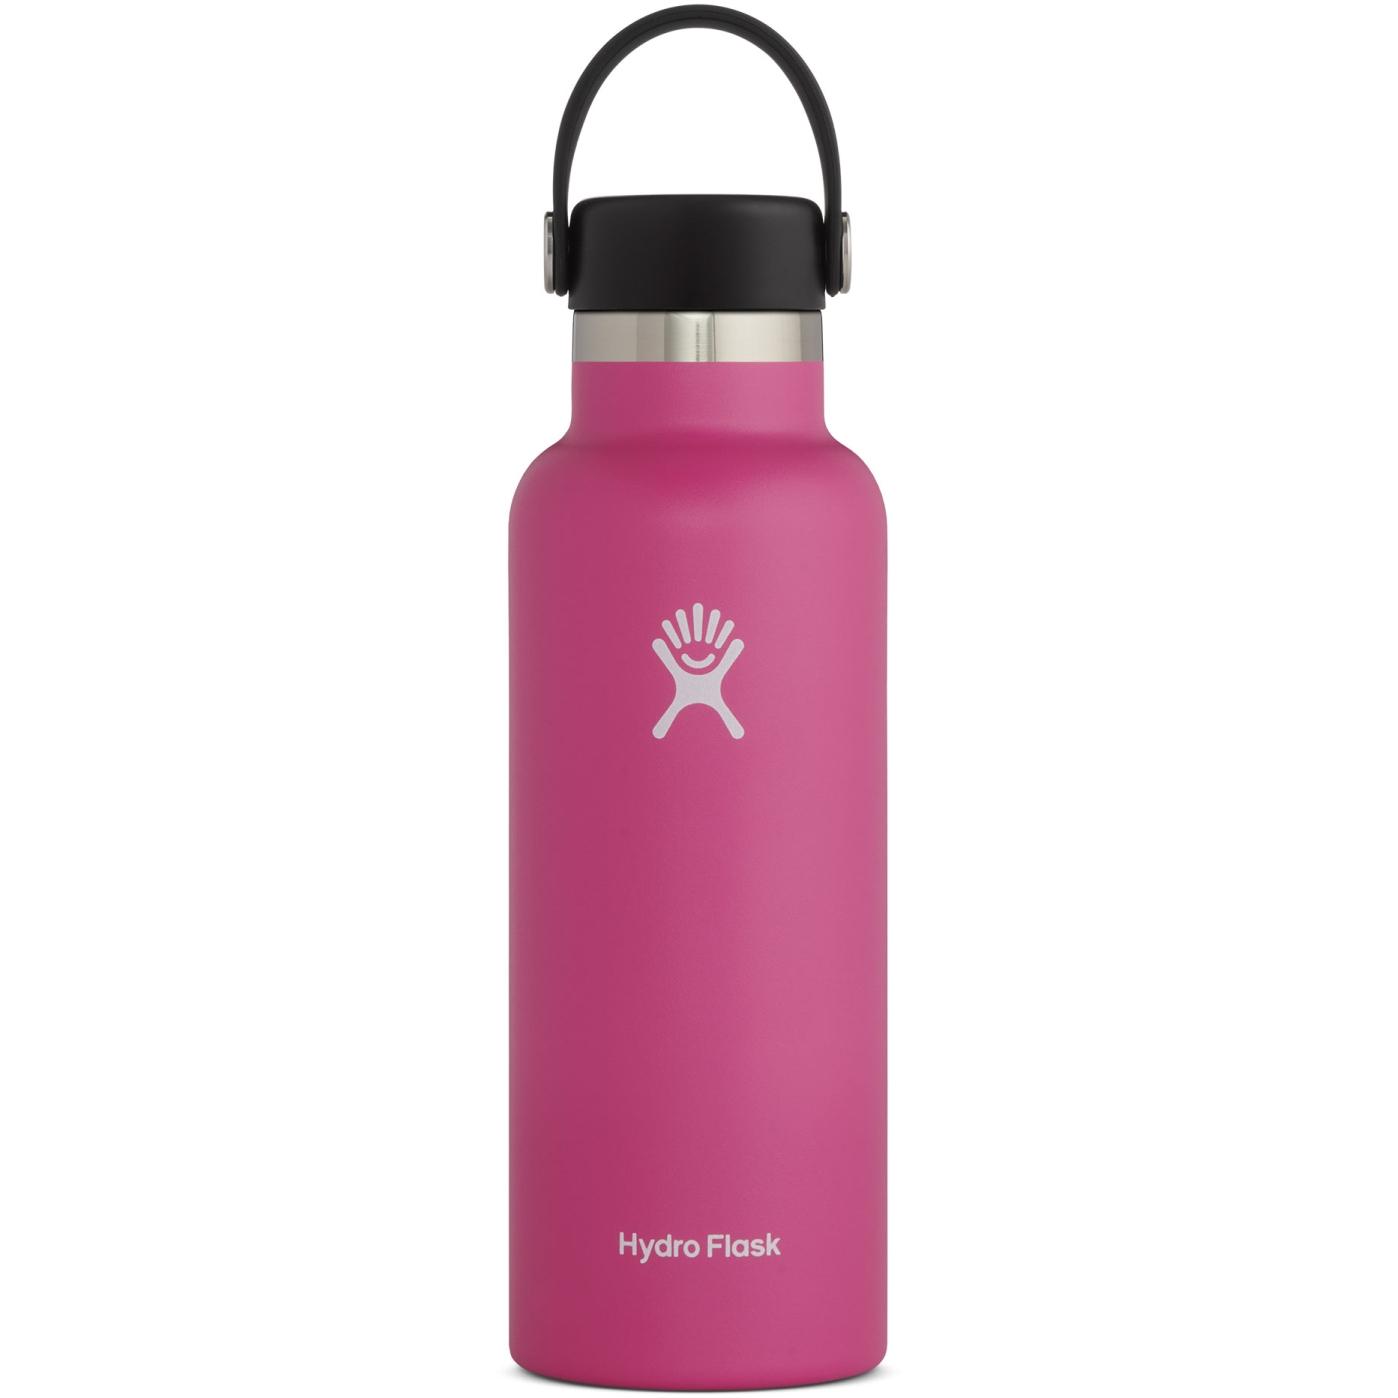 Produktbild von Hydro Flask 18oz Standard Mouth Flex Cap Thermoflasche - 532ml - Carnation